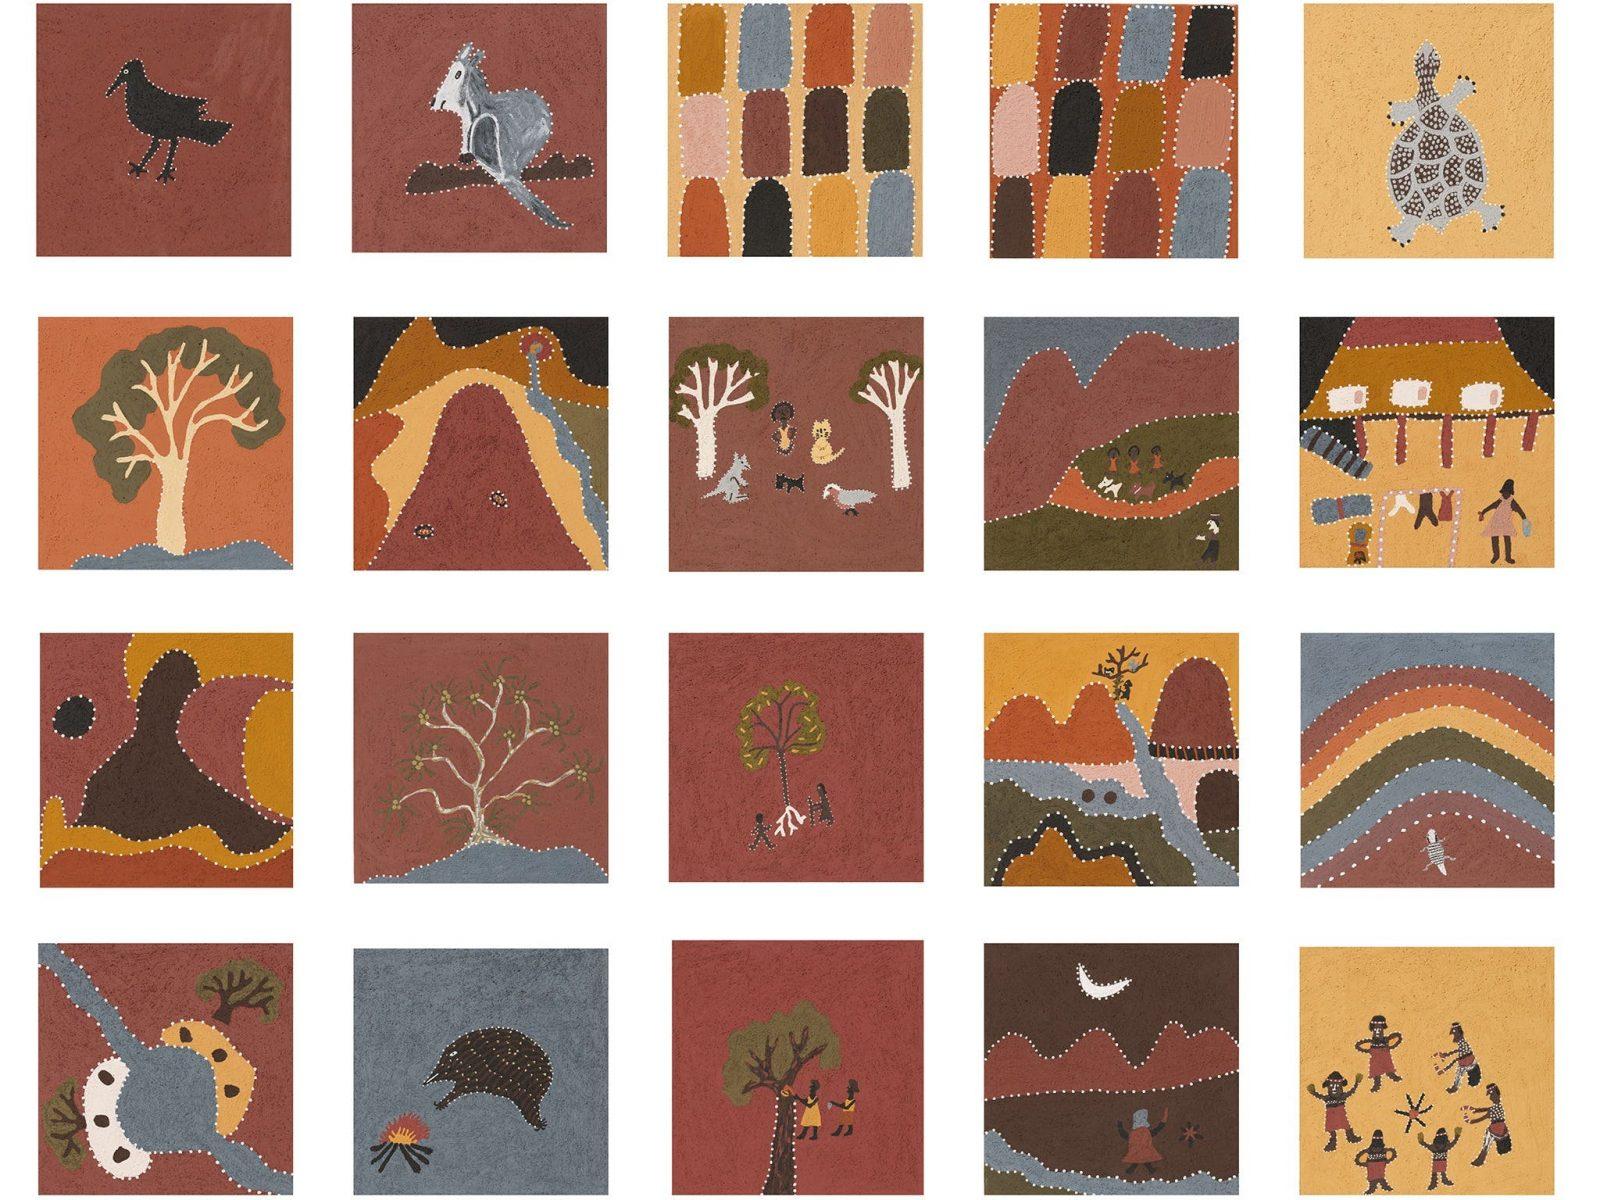 Ngalim-Ngalimbooroo Ngagenybe (detail), 2018 by Shirley Purdie.